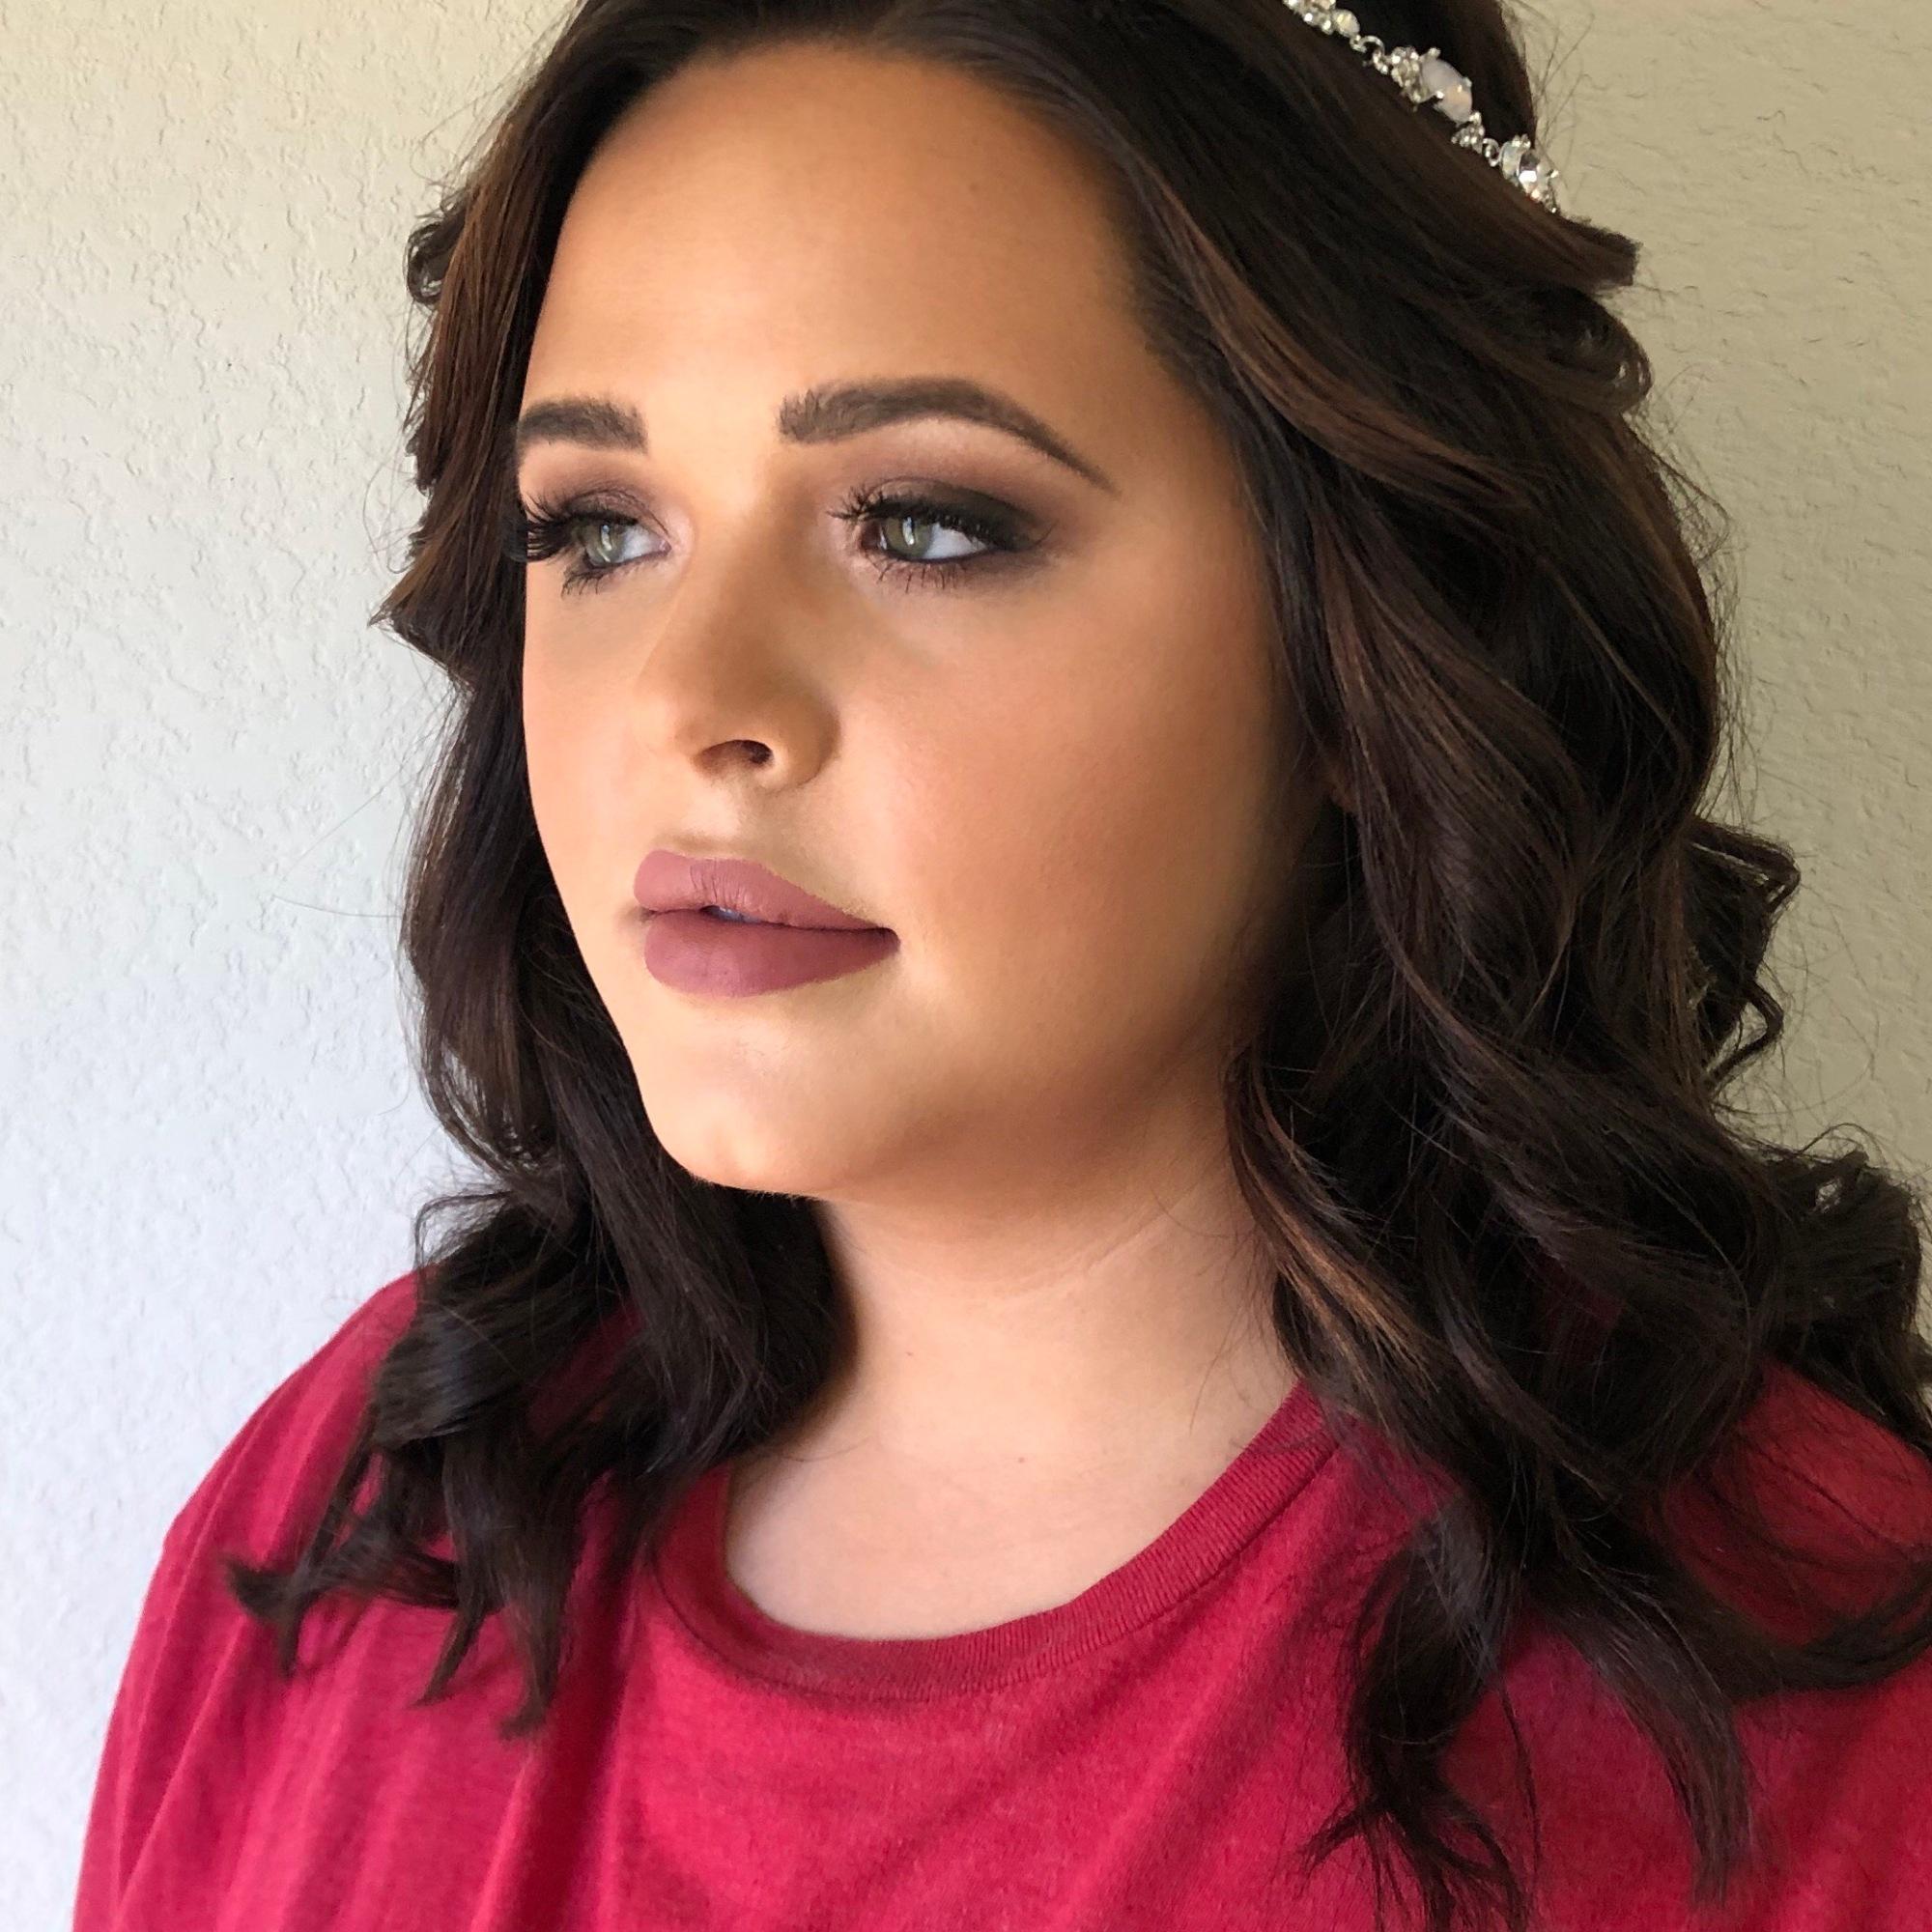 Austin Hair and Makeup